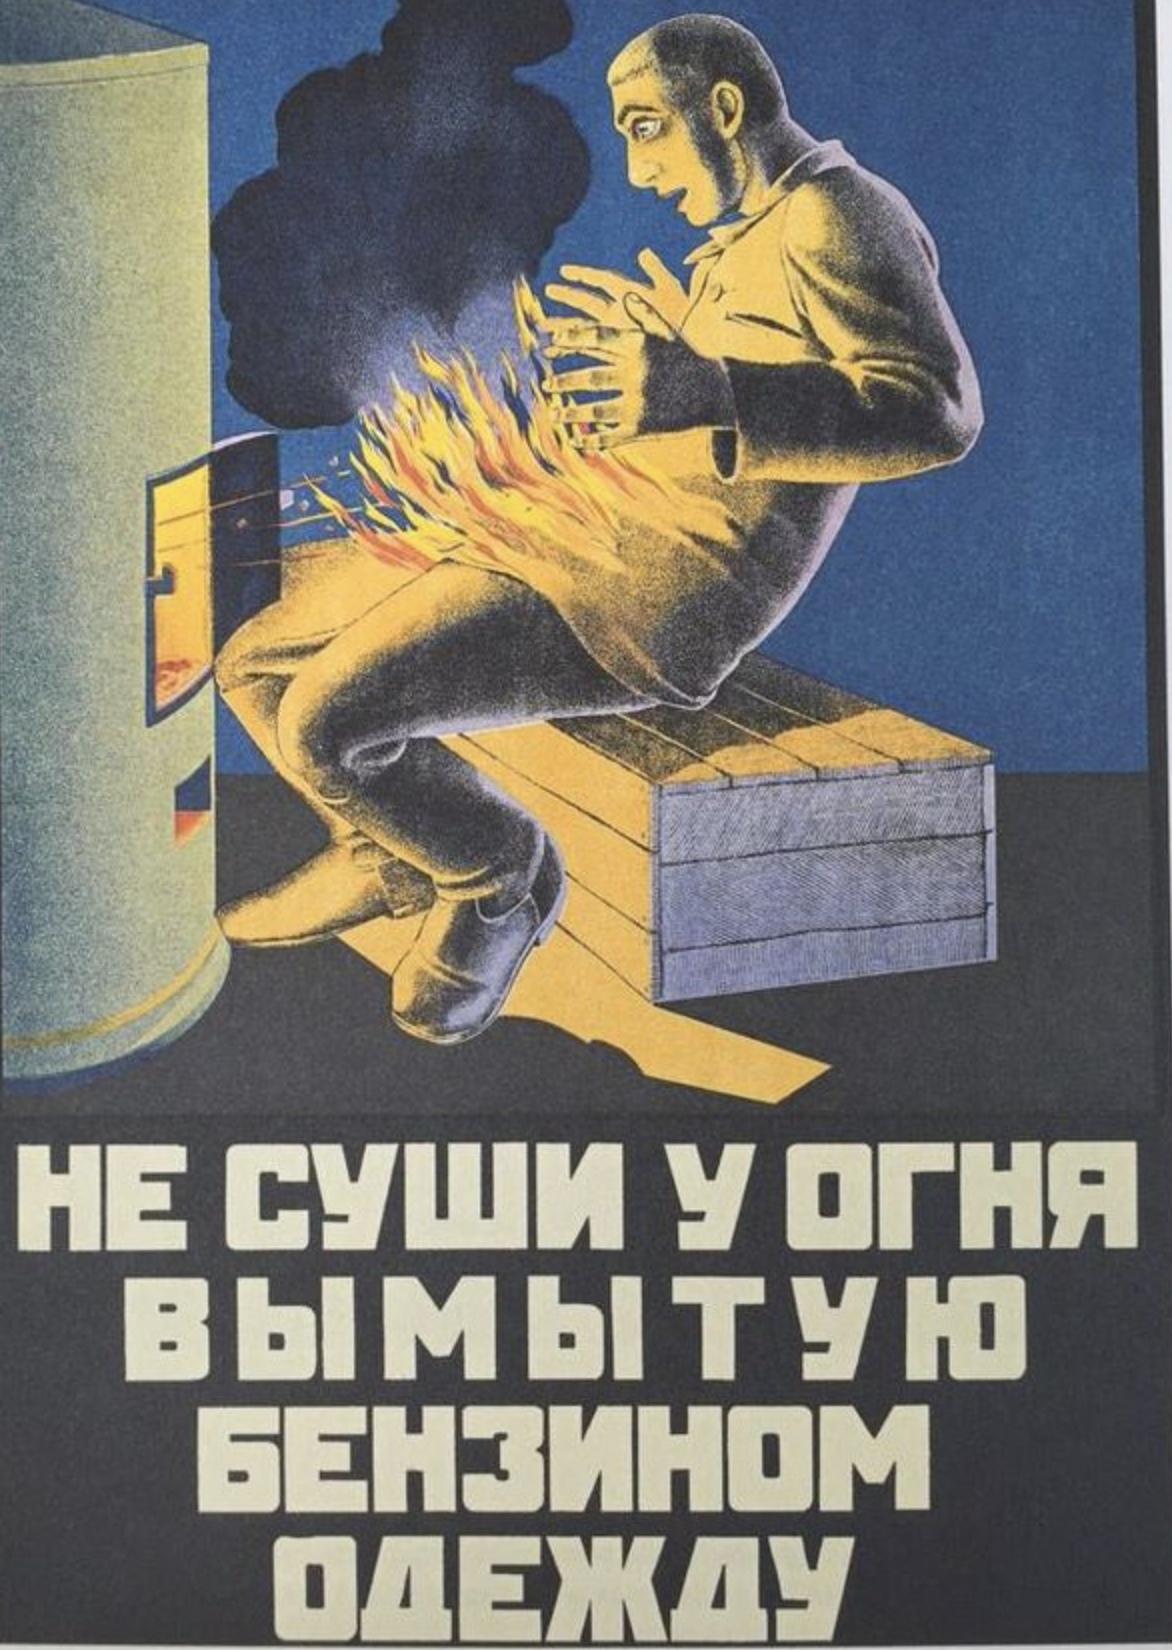 очевидность-плакат-6375820